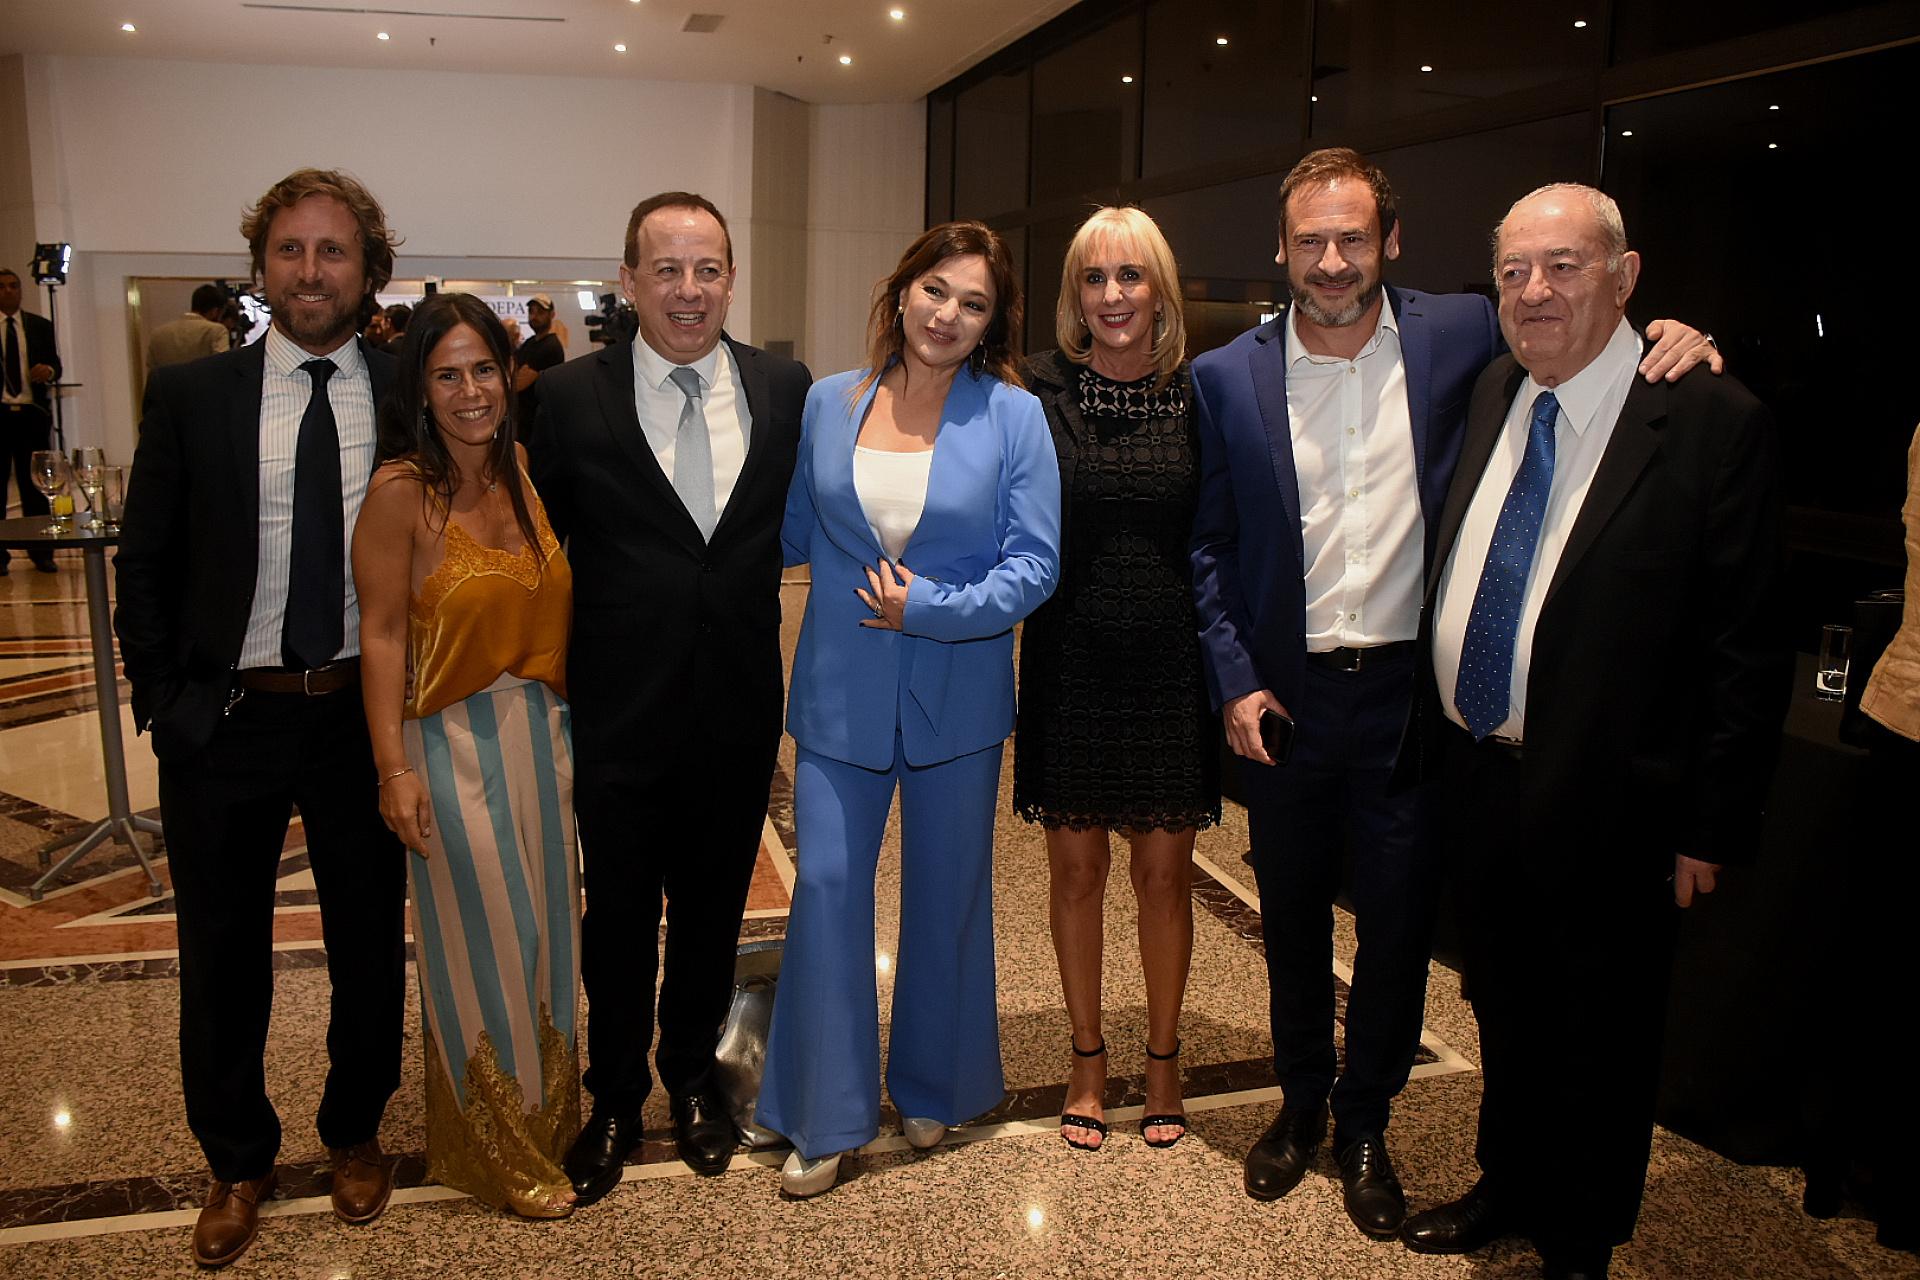 La cena contó con la presencia de periodistas, empresarios y funcionarios